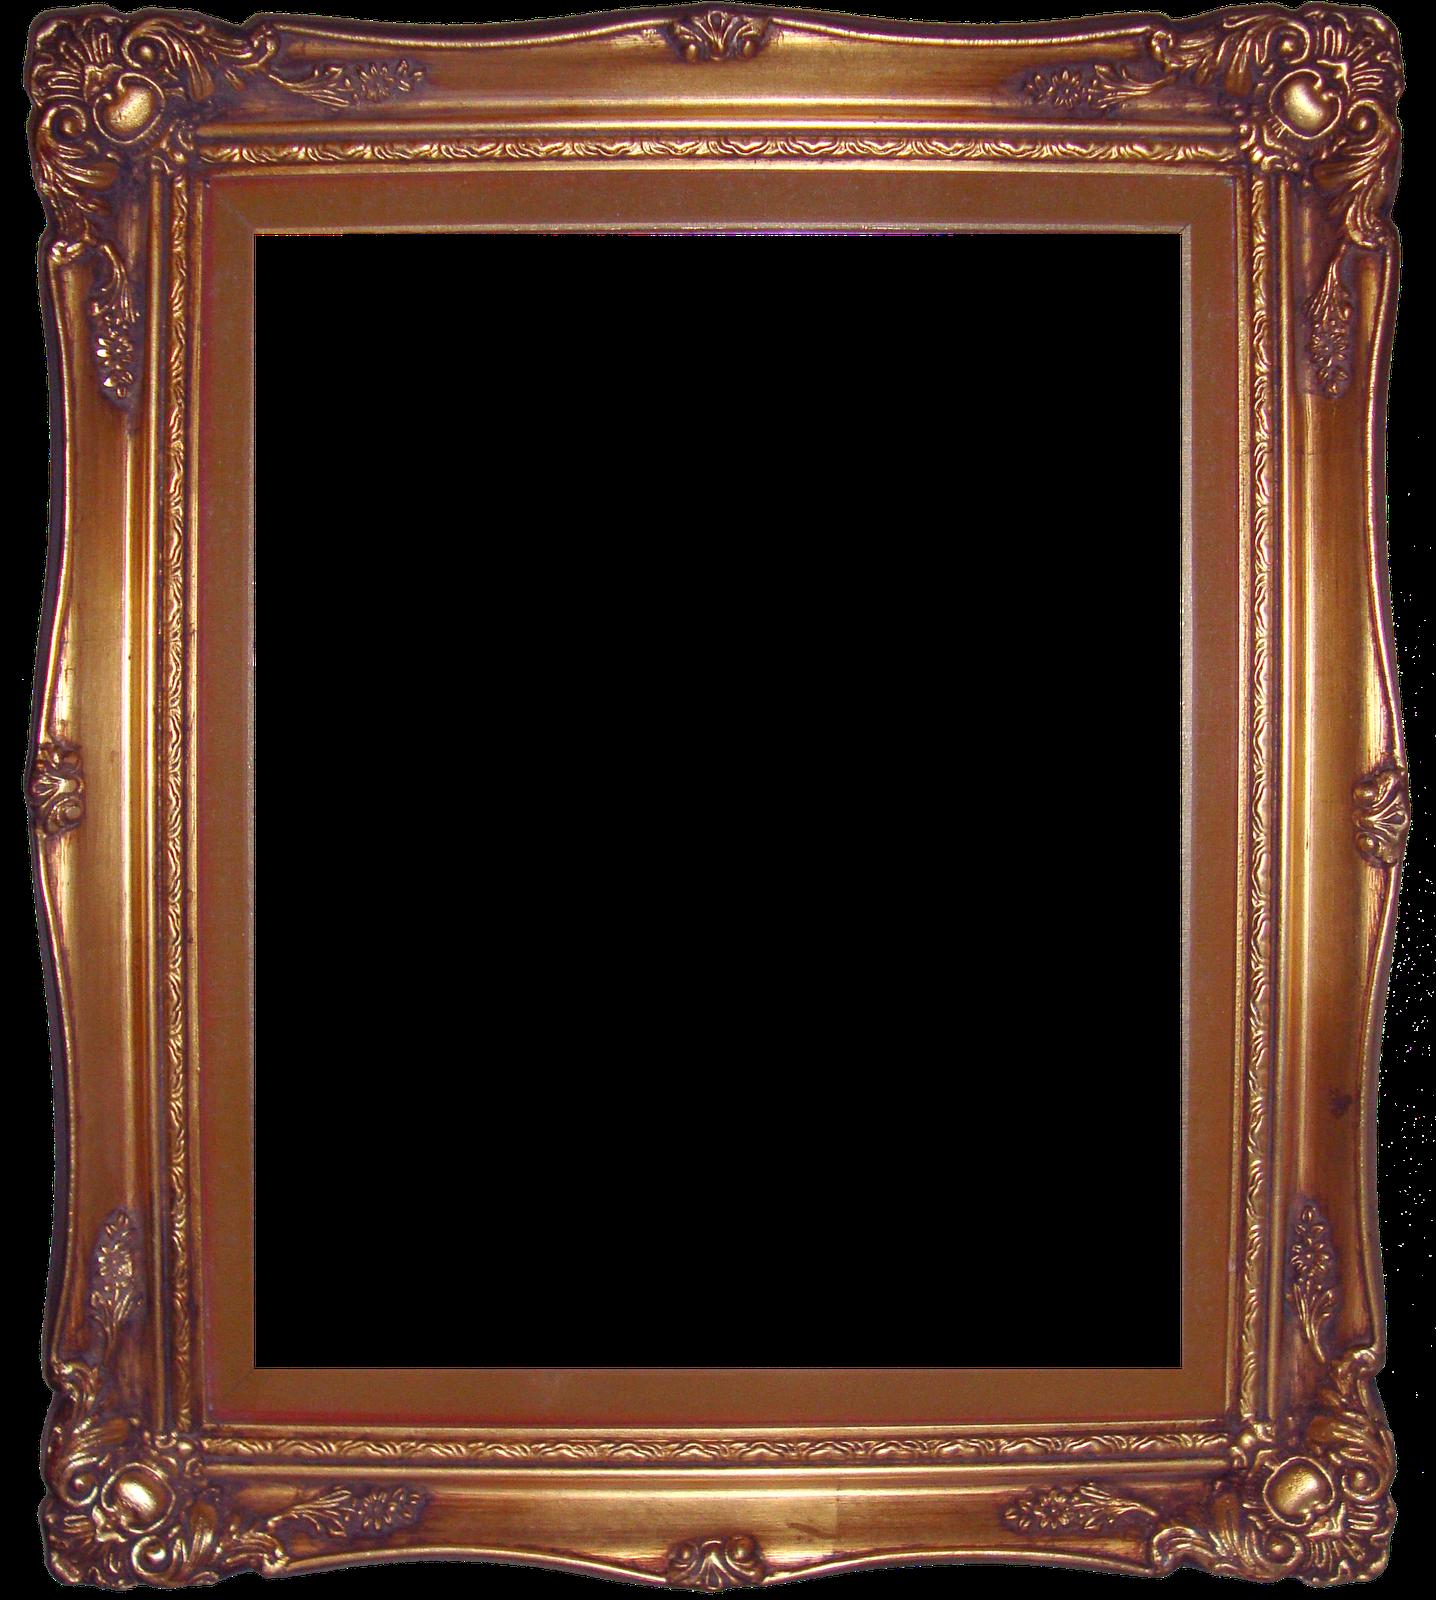 Download Picture Google Get Docs Frame Ink Frames HQ PNG ...